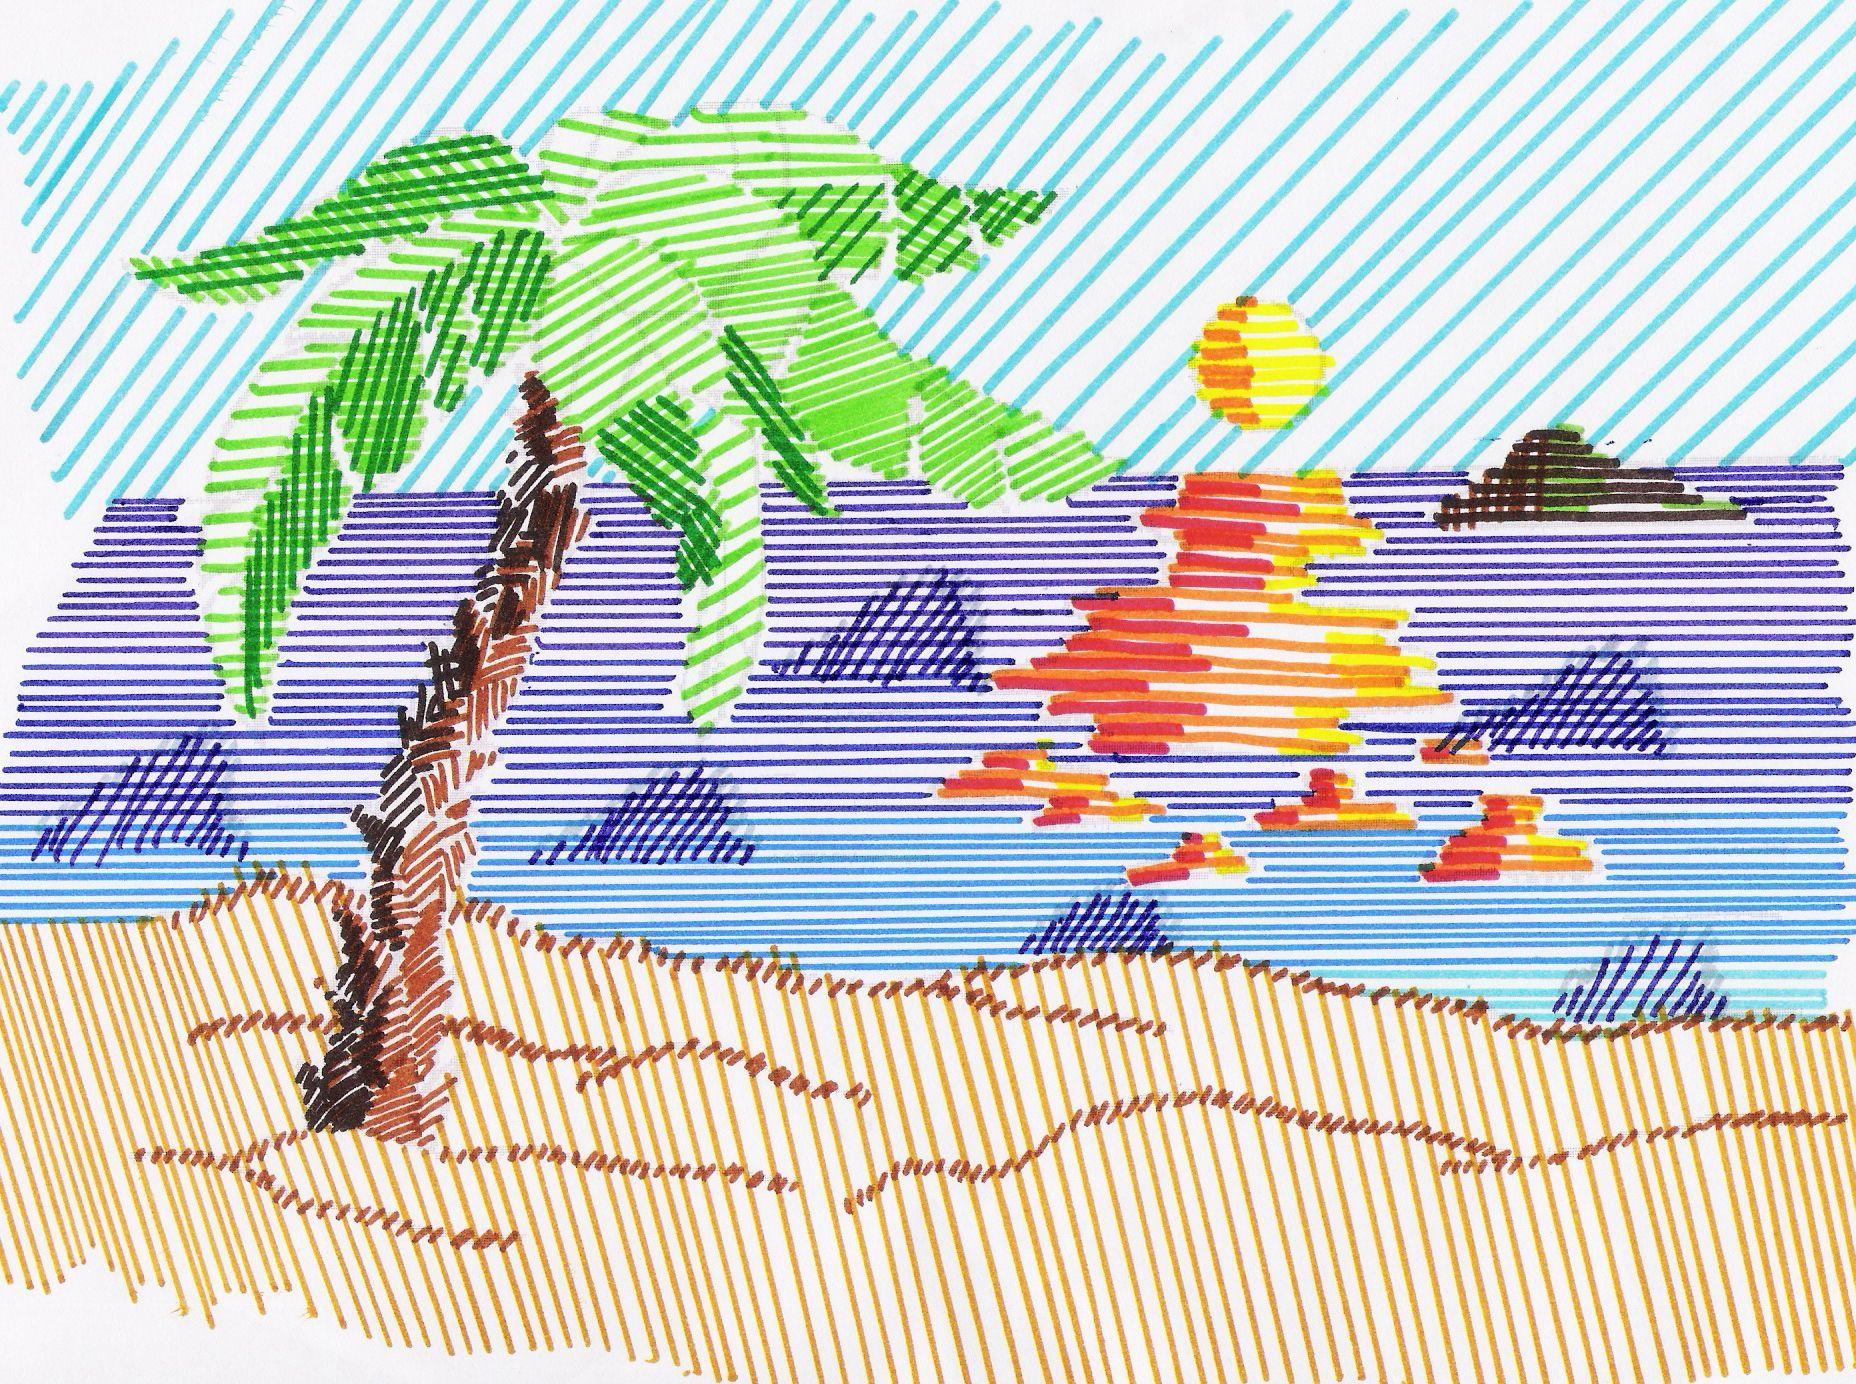 ejercicios de composicion en dibujo  Buscar con Google  LA LNEA